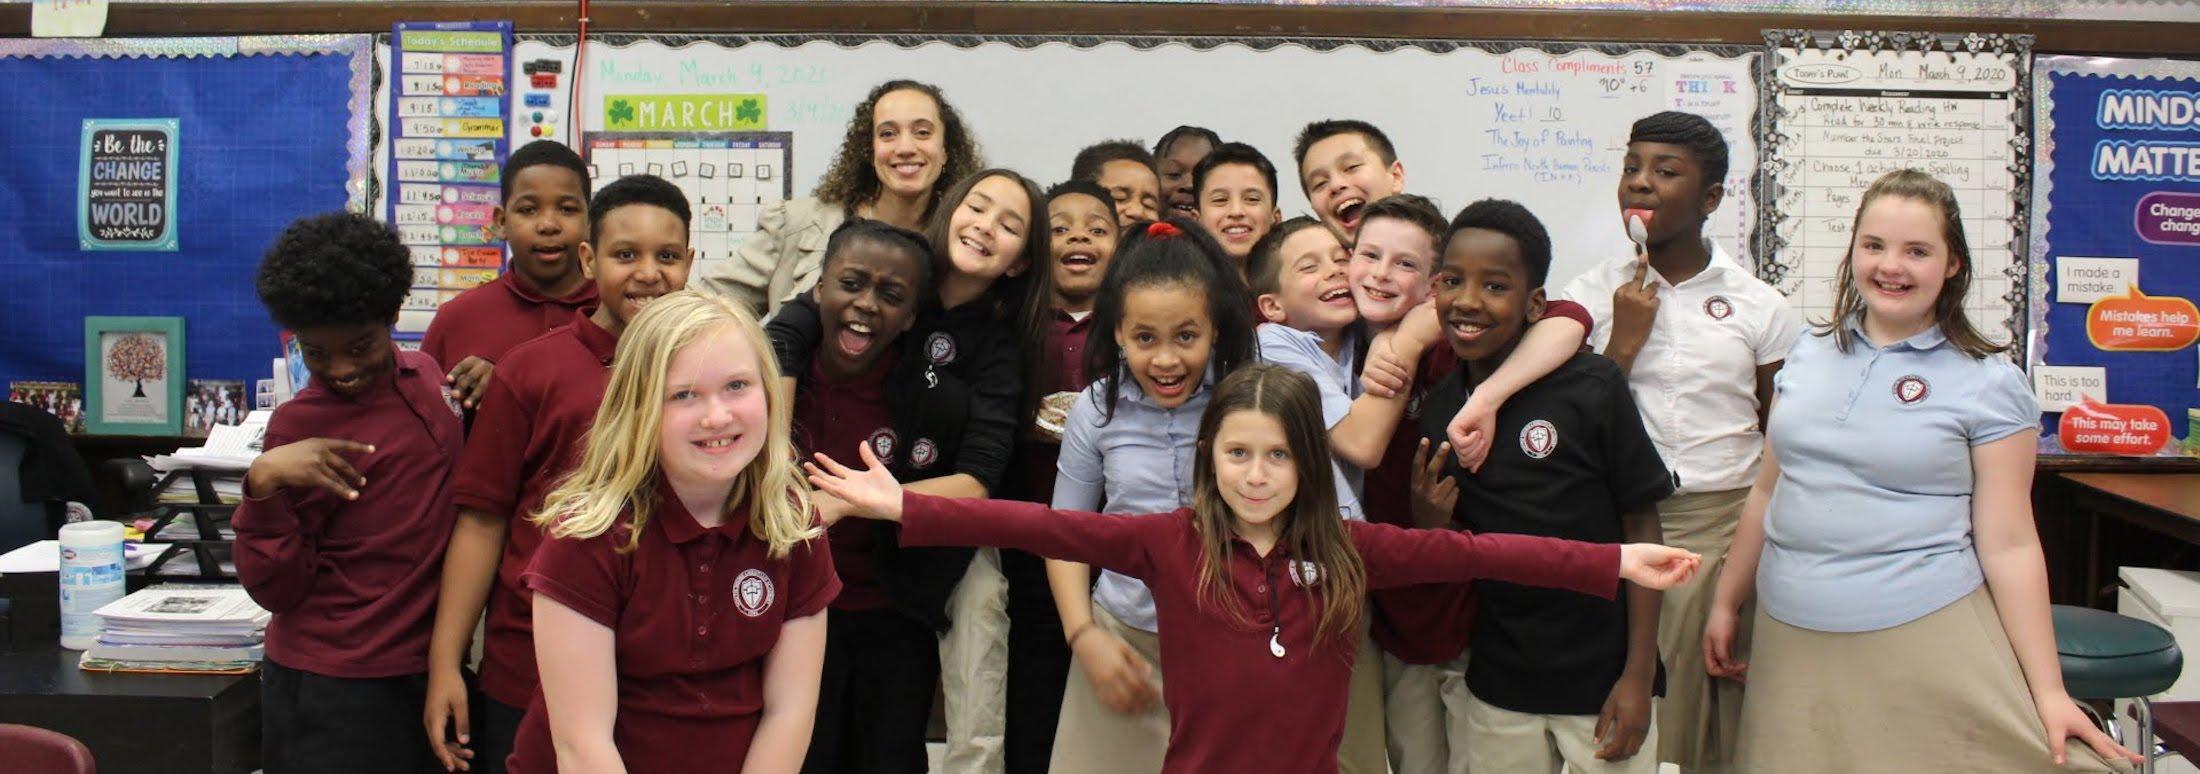 Grade 5 class